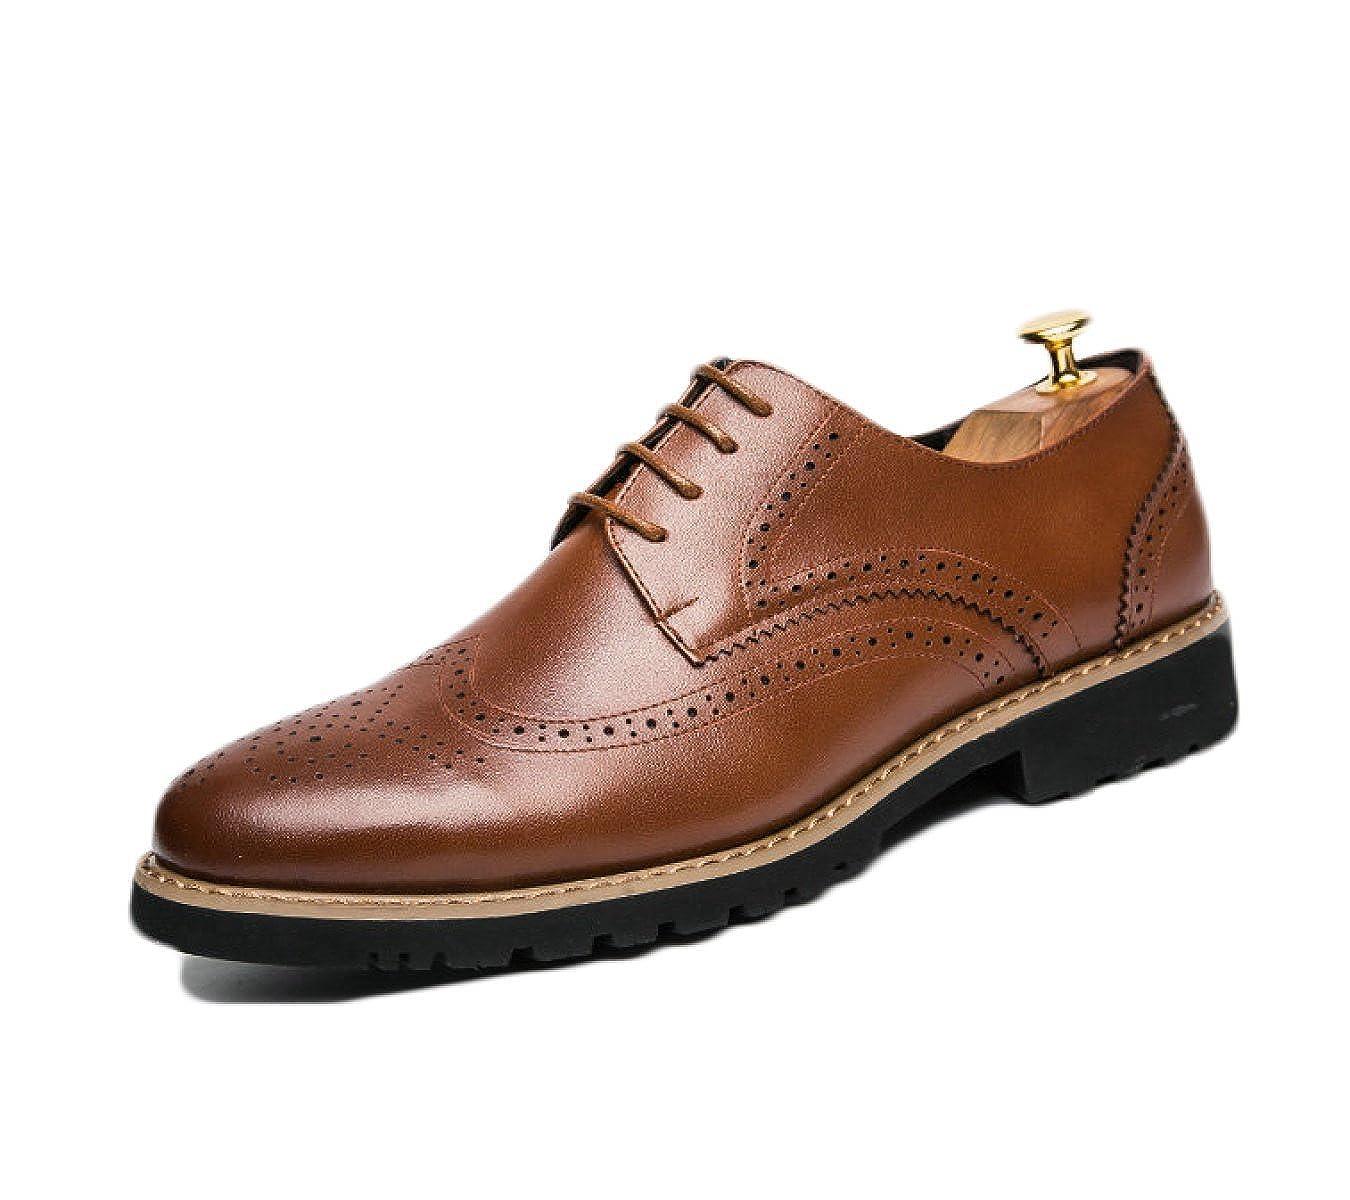 Männer Leder Block Flut Schuhe Mode Britische Schuhe Herren Freizeitschuhe Wies Britische Mode Schuhe Braun 487dd8